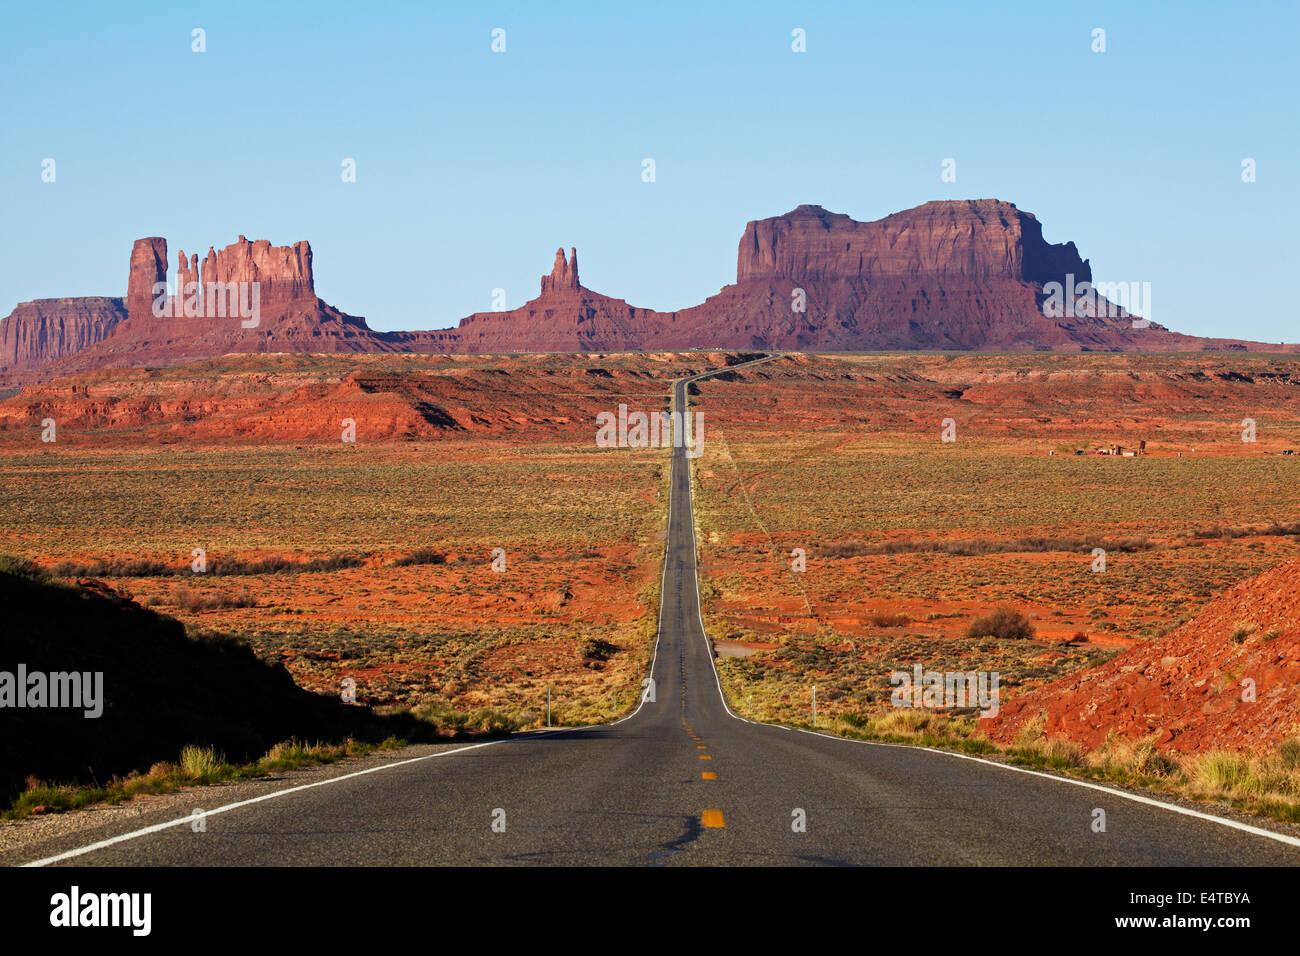 U.S. Route 163 heading towards Monument Valley, Navajo Nation, Utah, near Arizona Border, USA - Stock Image